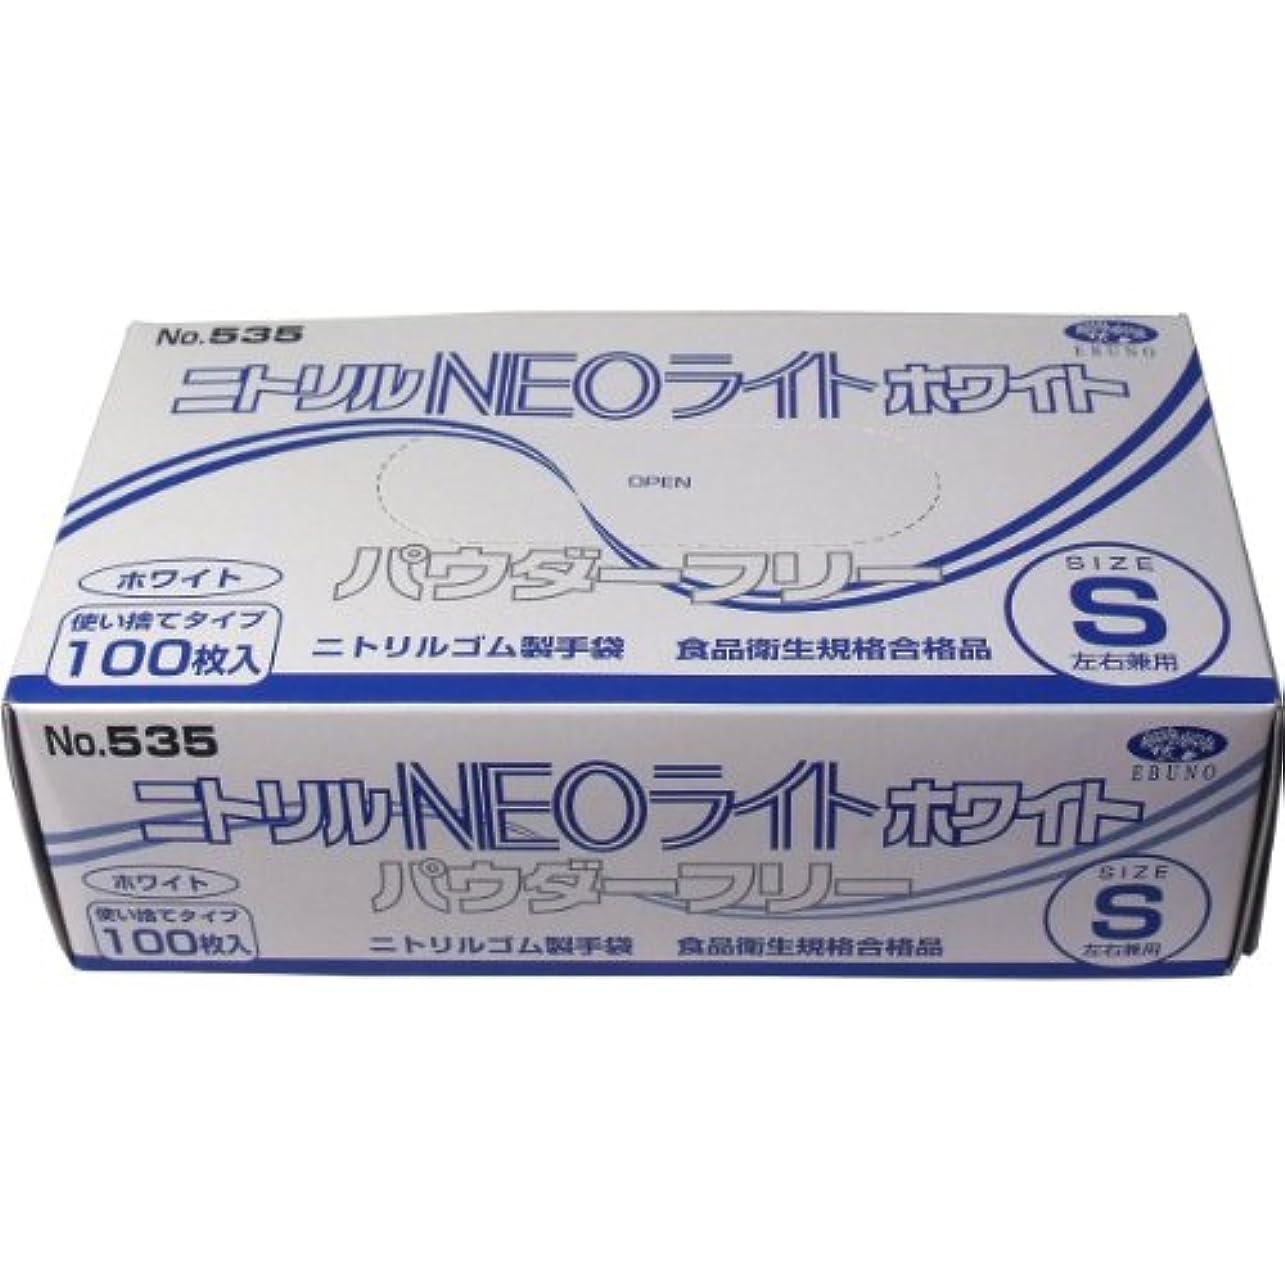 忠誠弾性舗装エブノ No.535 ニトリル手袋 ネオライト パウダーフリー ホワイト Sサイズ 100枚入